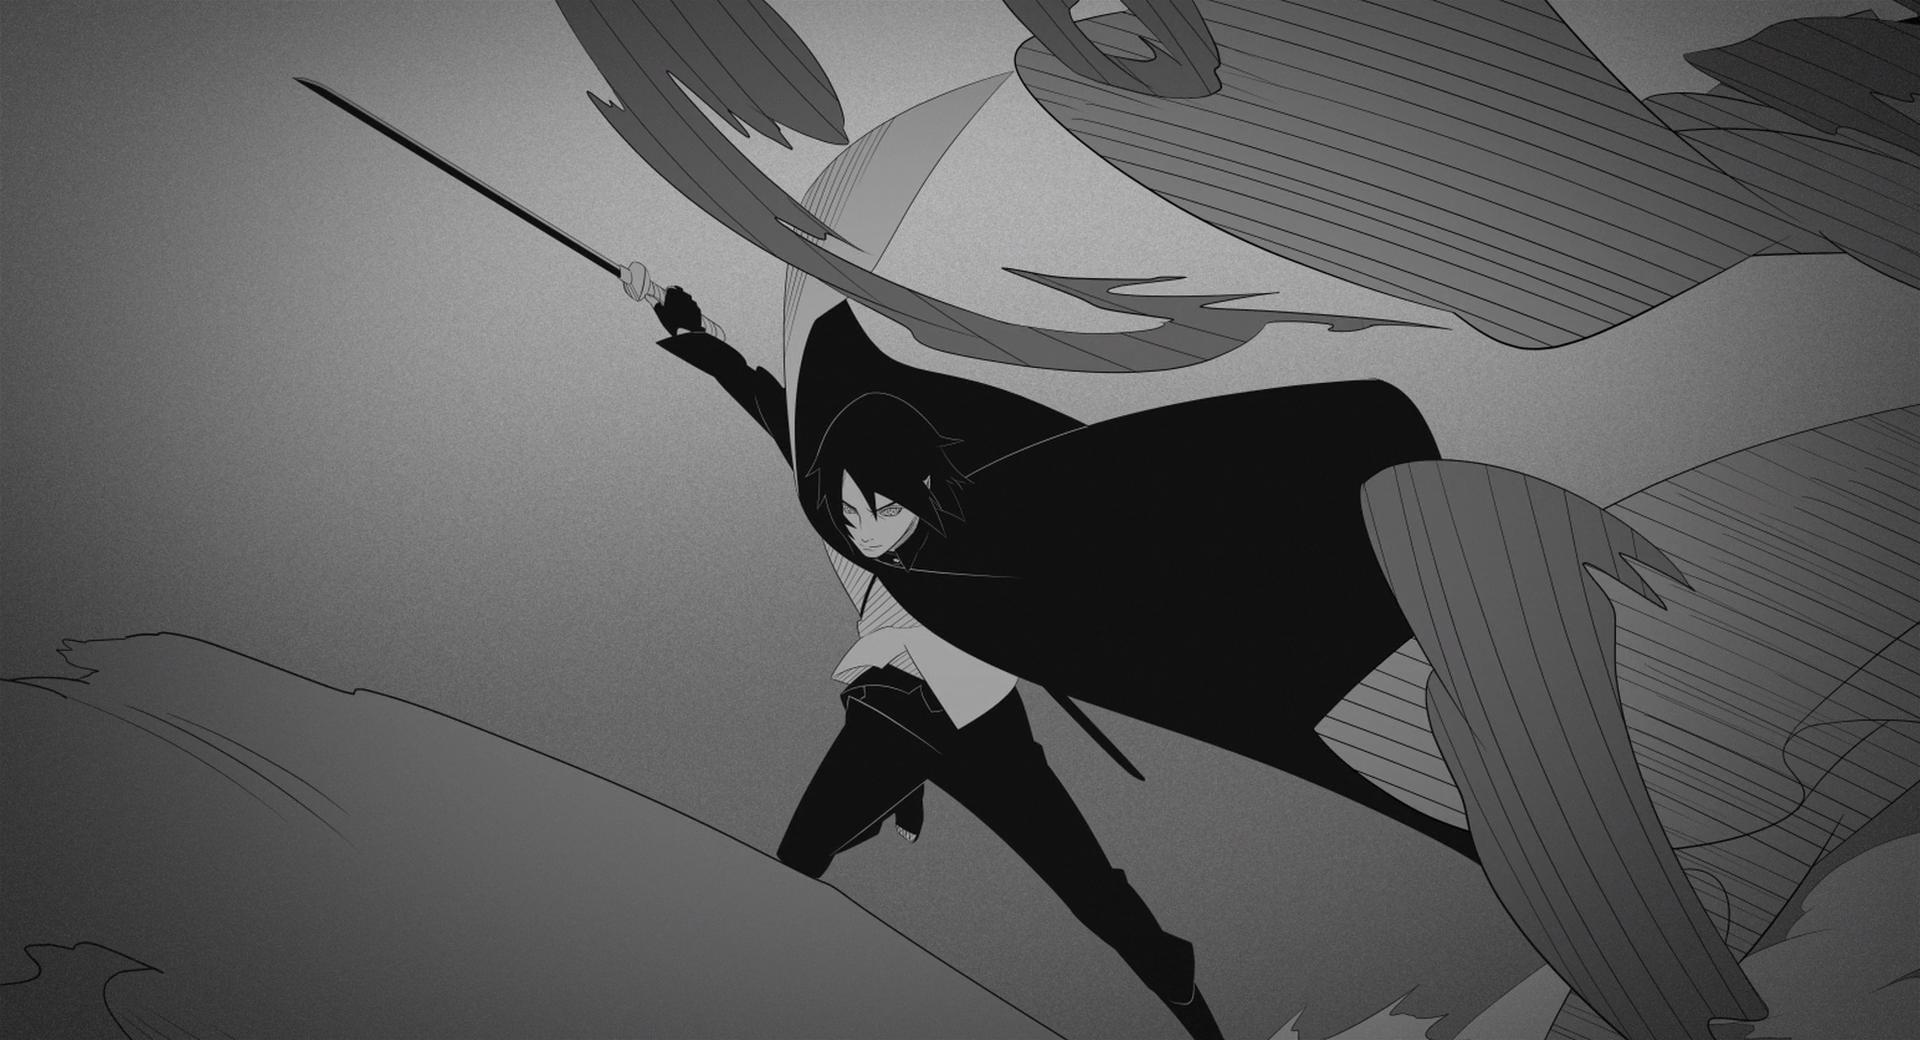 Boruto Movie Credit Wallpaper 17 - Sasuke Uchiha Wallpaper Hd Boruto - HD Wallpaper